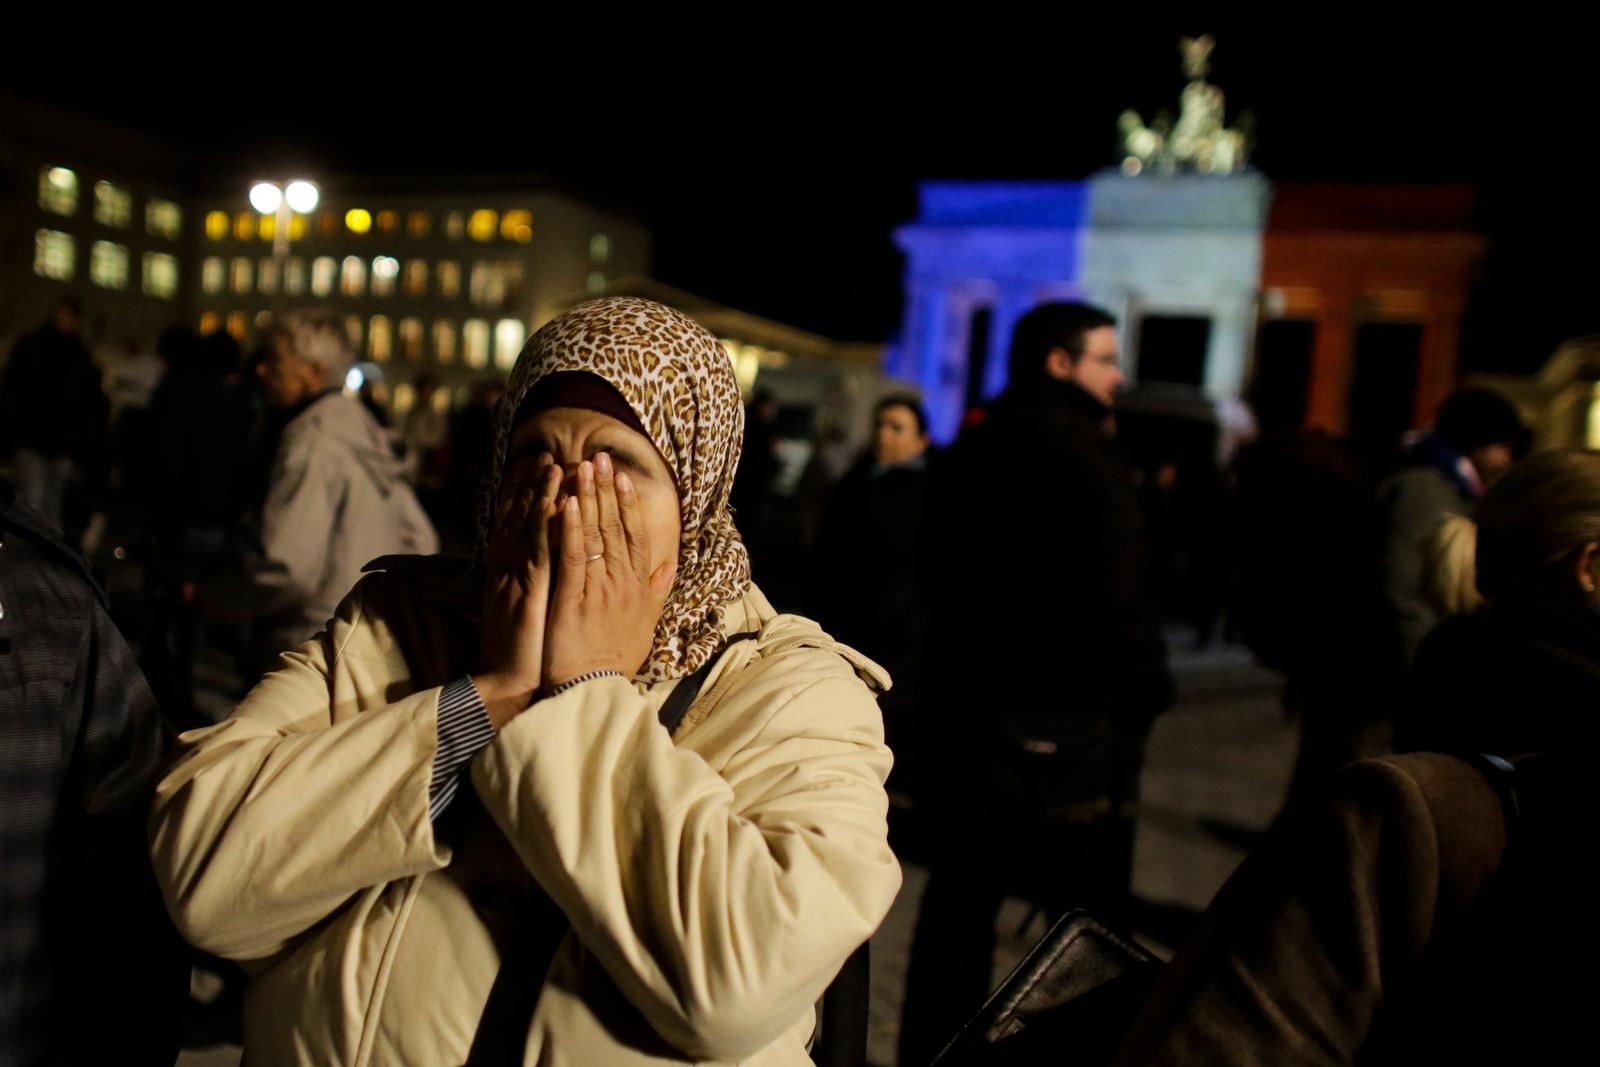 En dame utenfor Brandenburger Tor i Berlin uttrykker sorg og fortvilelse etter de tragiske hendelsene i Paris.